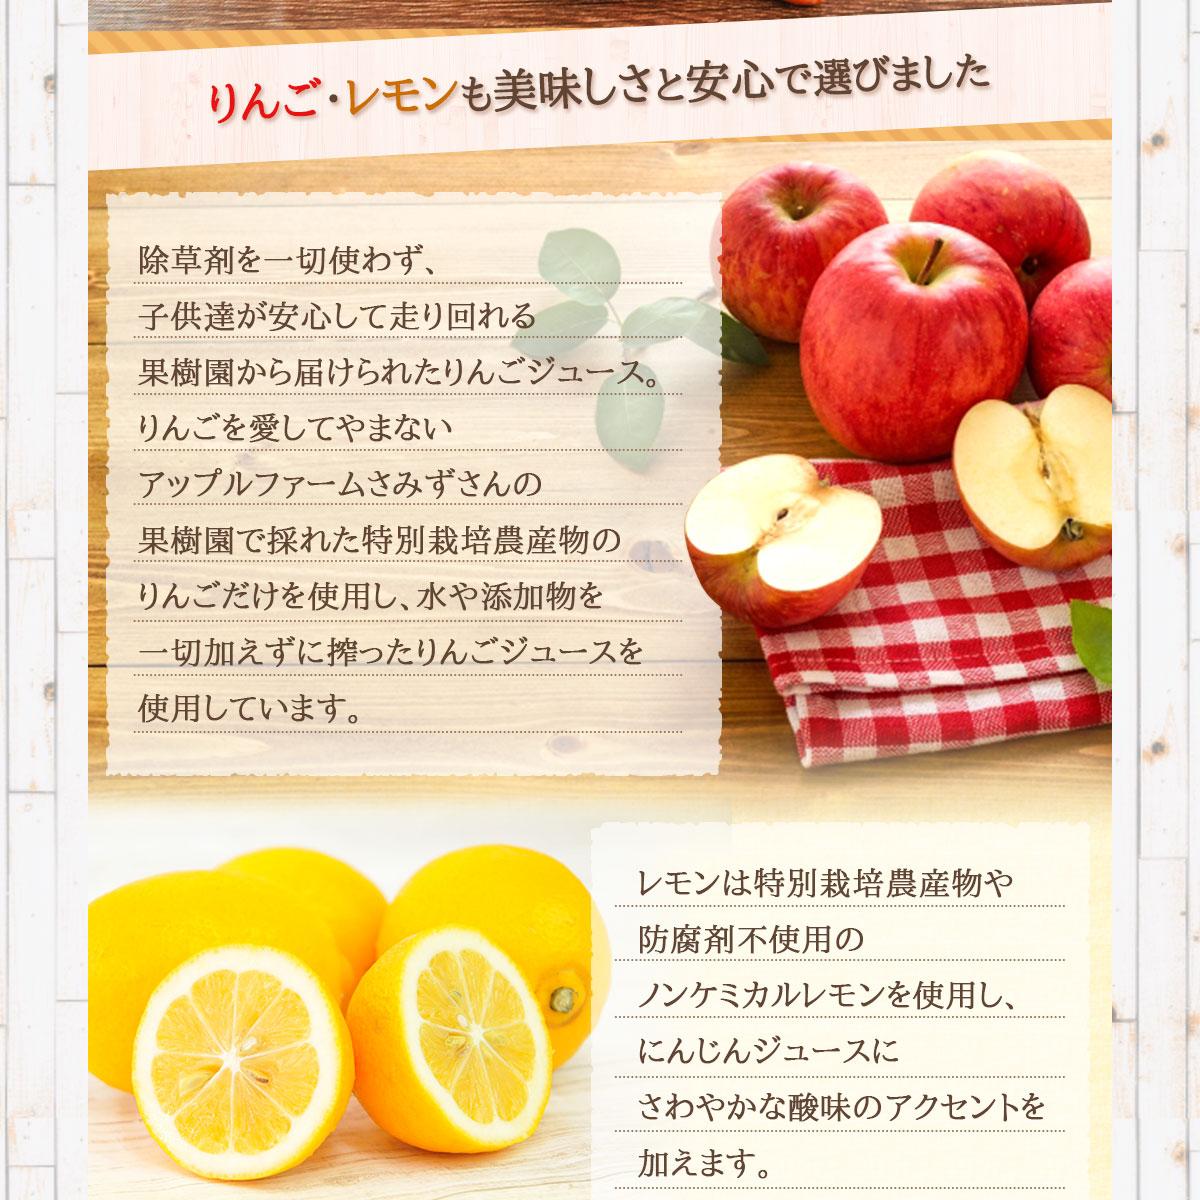 りんご・レモンも美味しさと安心で